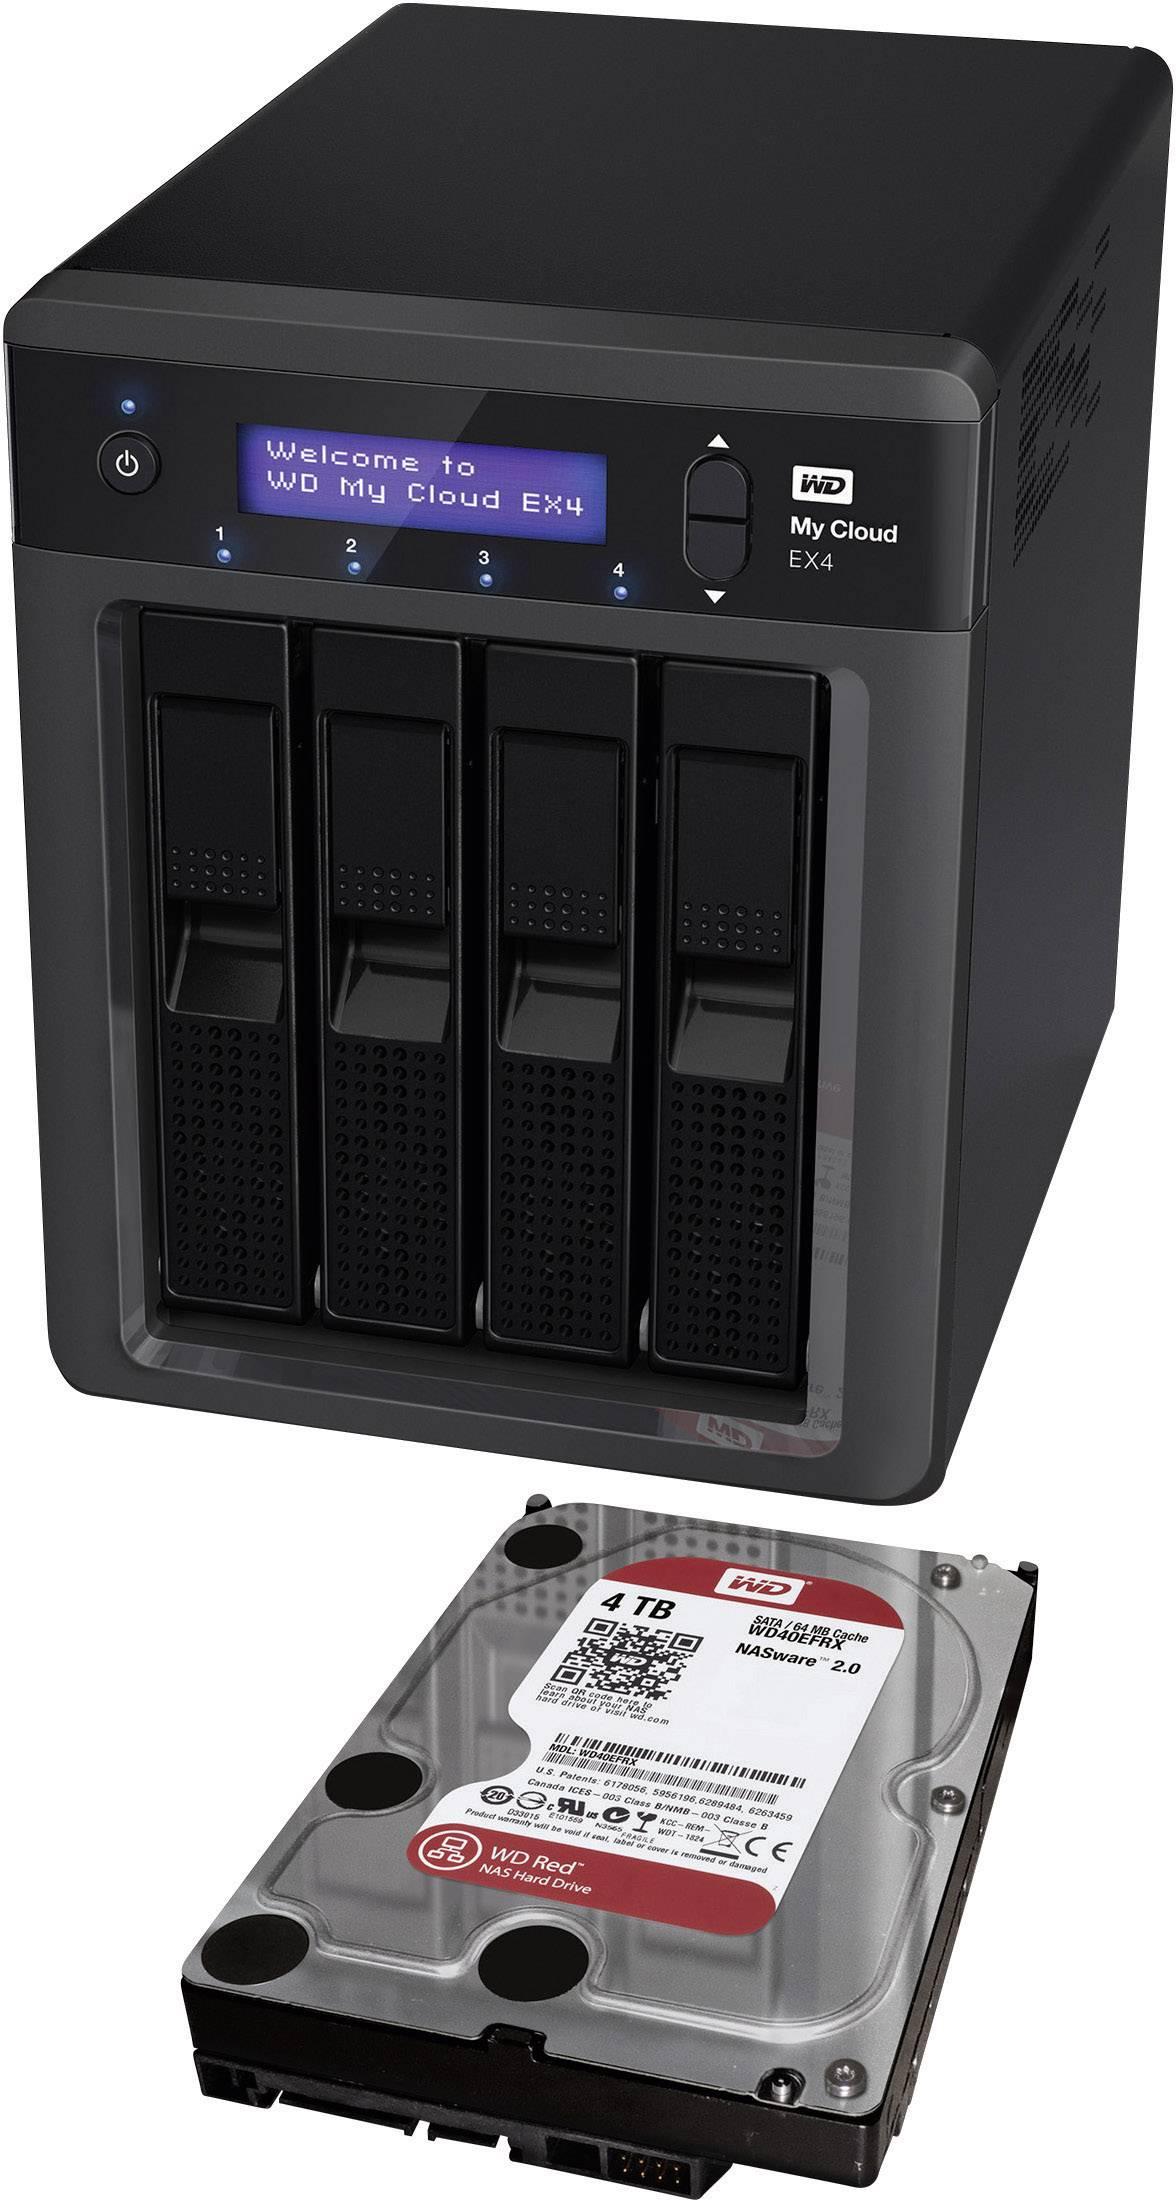 NAS-Server 16 TB Western Digital My Cloud EX4 persönlicher Cloud-Speicher (4x4TB) WDBWWD0160KBK-EESN bestückt mit WD RED kaufen